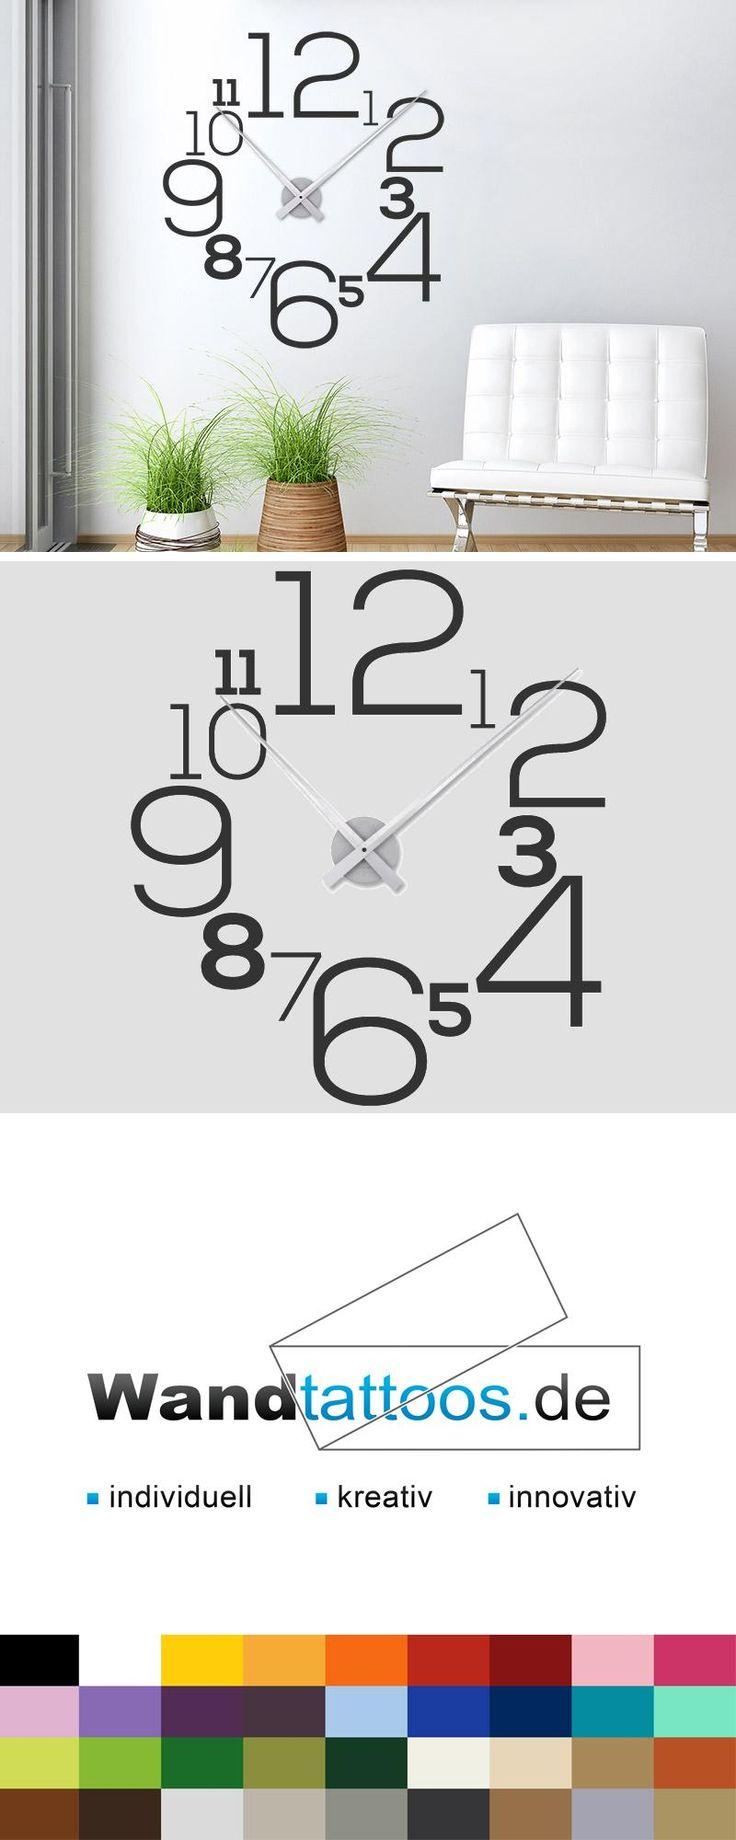 Wandtattoo Uhr mit Zahlen als Idee zur individuellen Wandgestaltung. Einfach Lieblingsfarbe und Größe auswählen. Weitere kreative Anregungen von Wandtattoos.de hier entdecken!